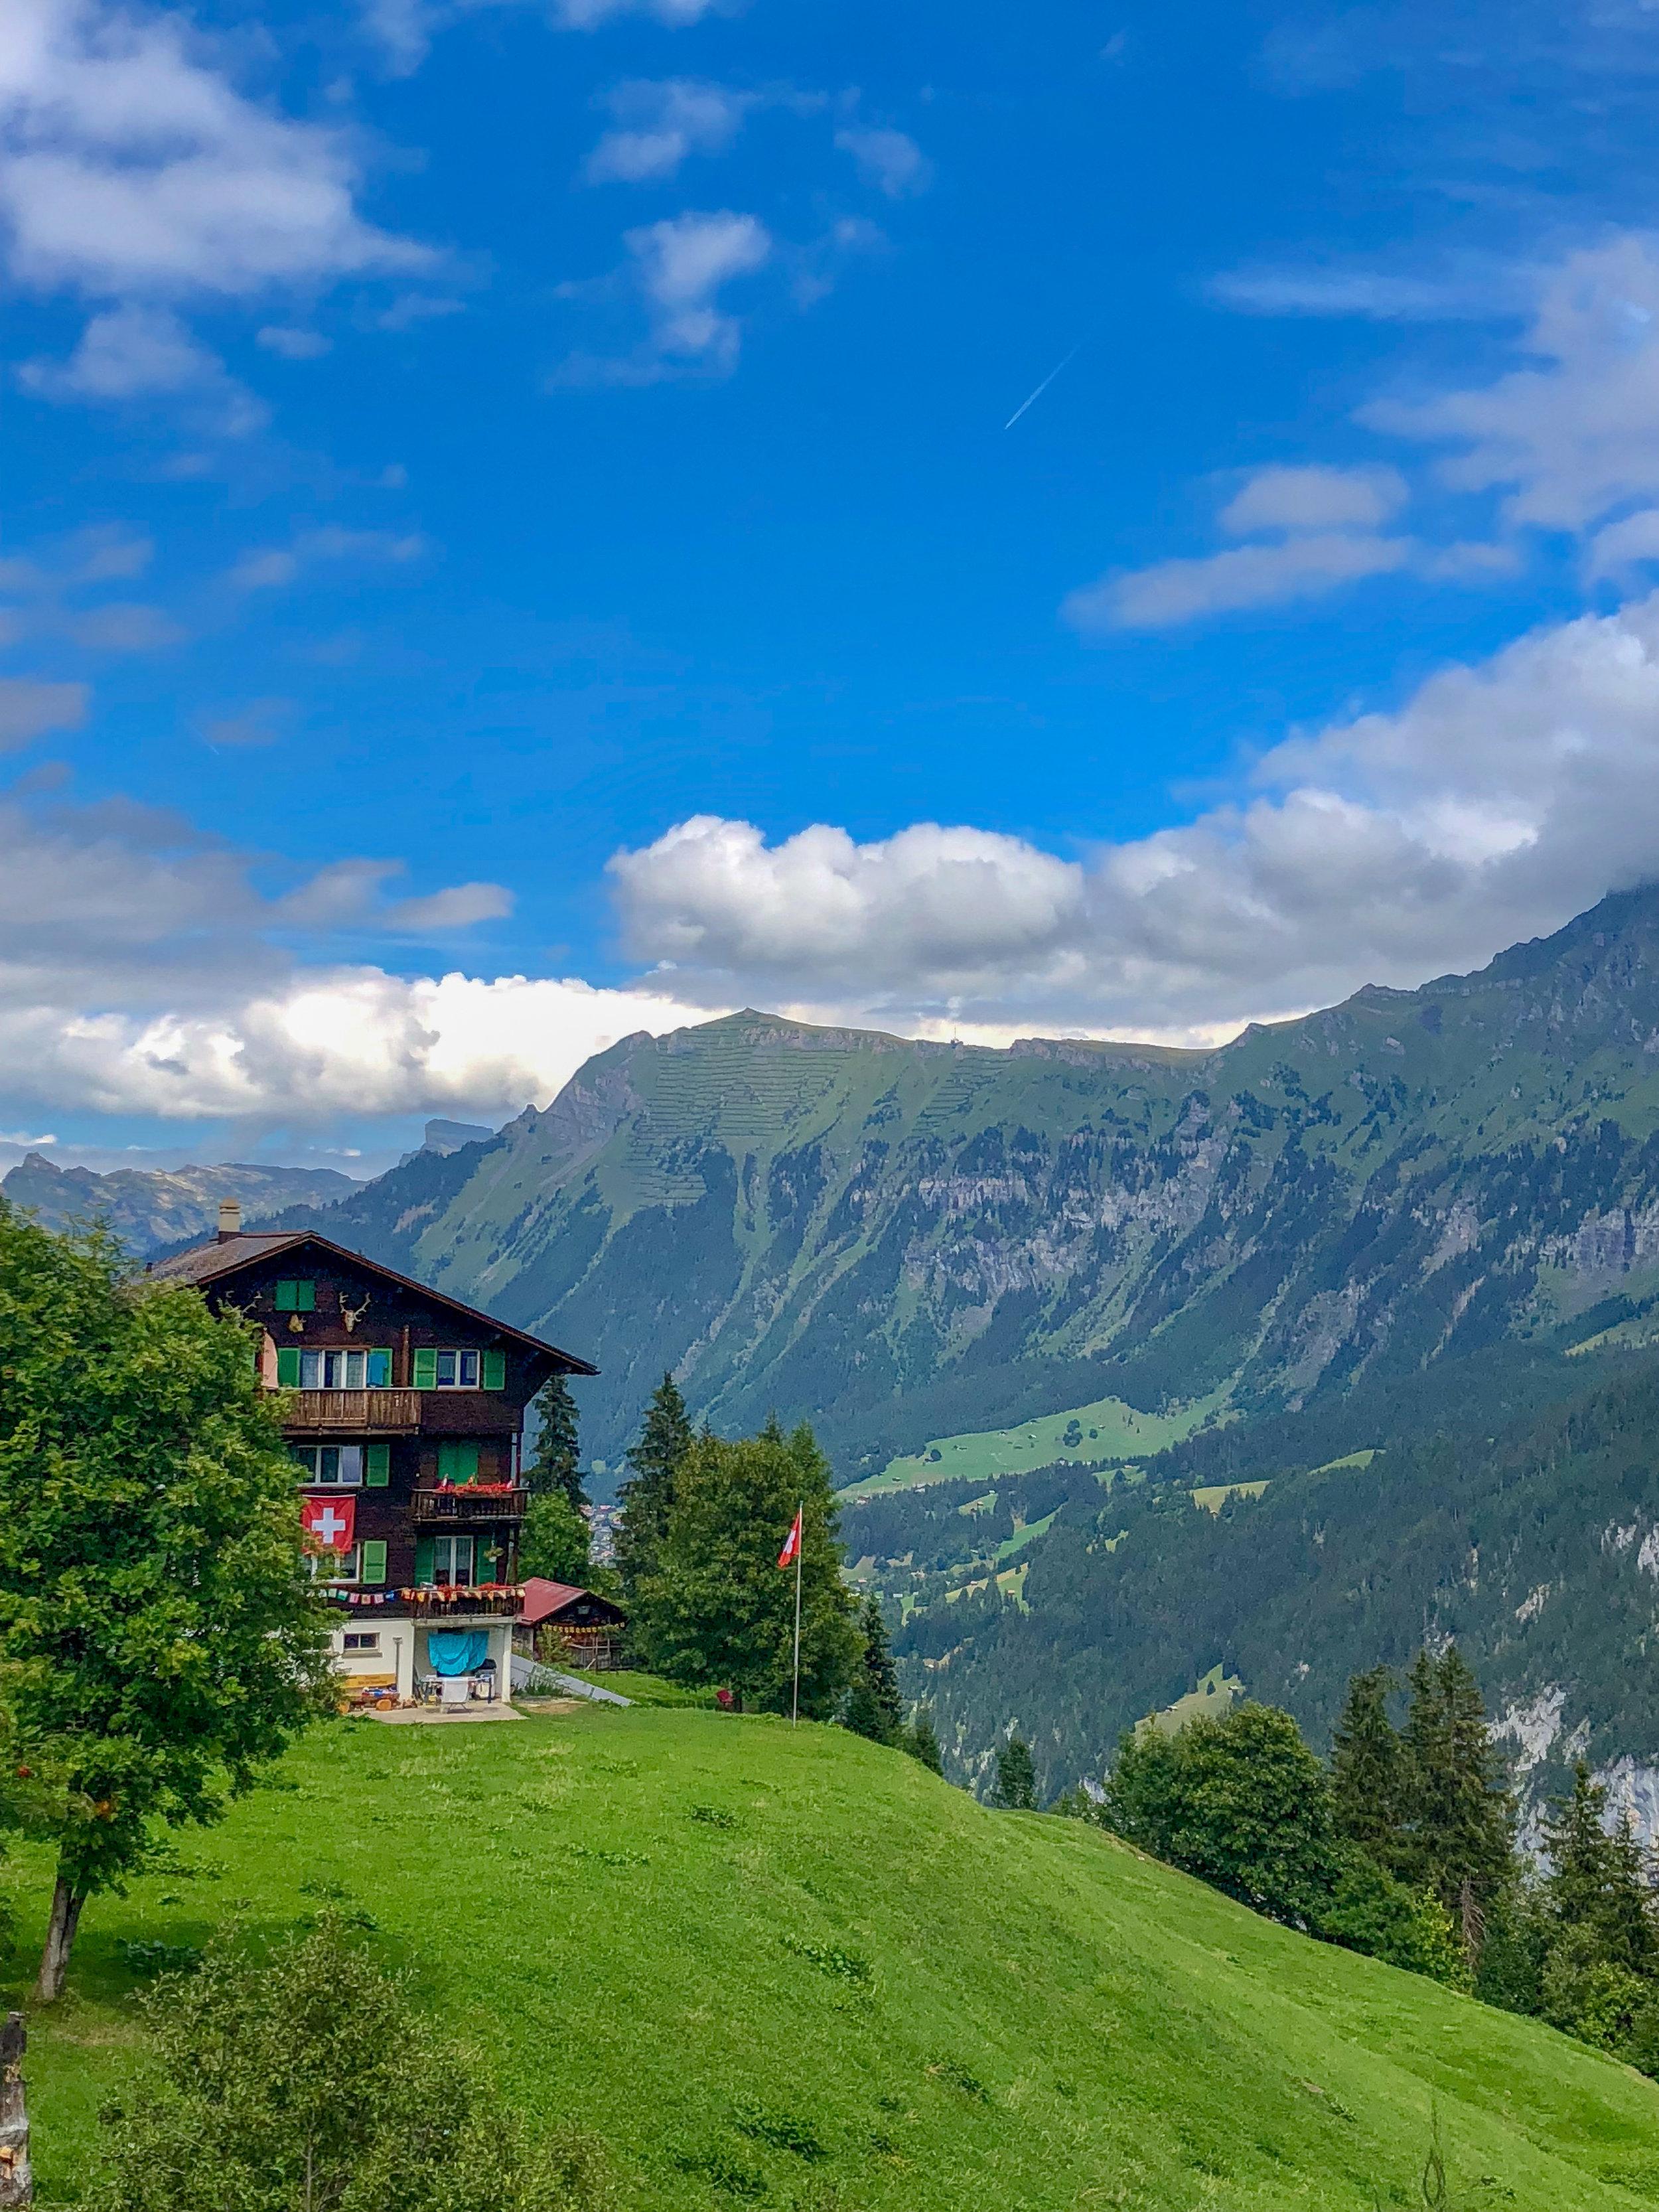 Alpine views in Switzerland